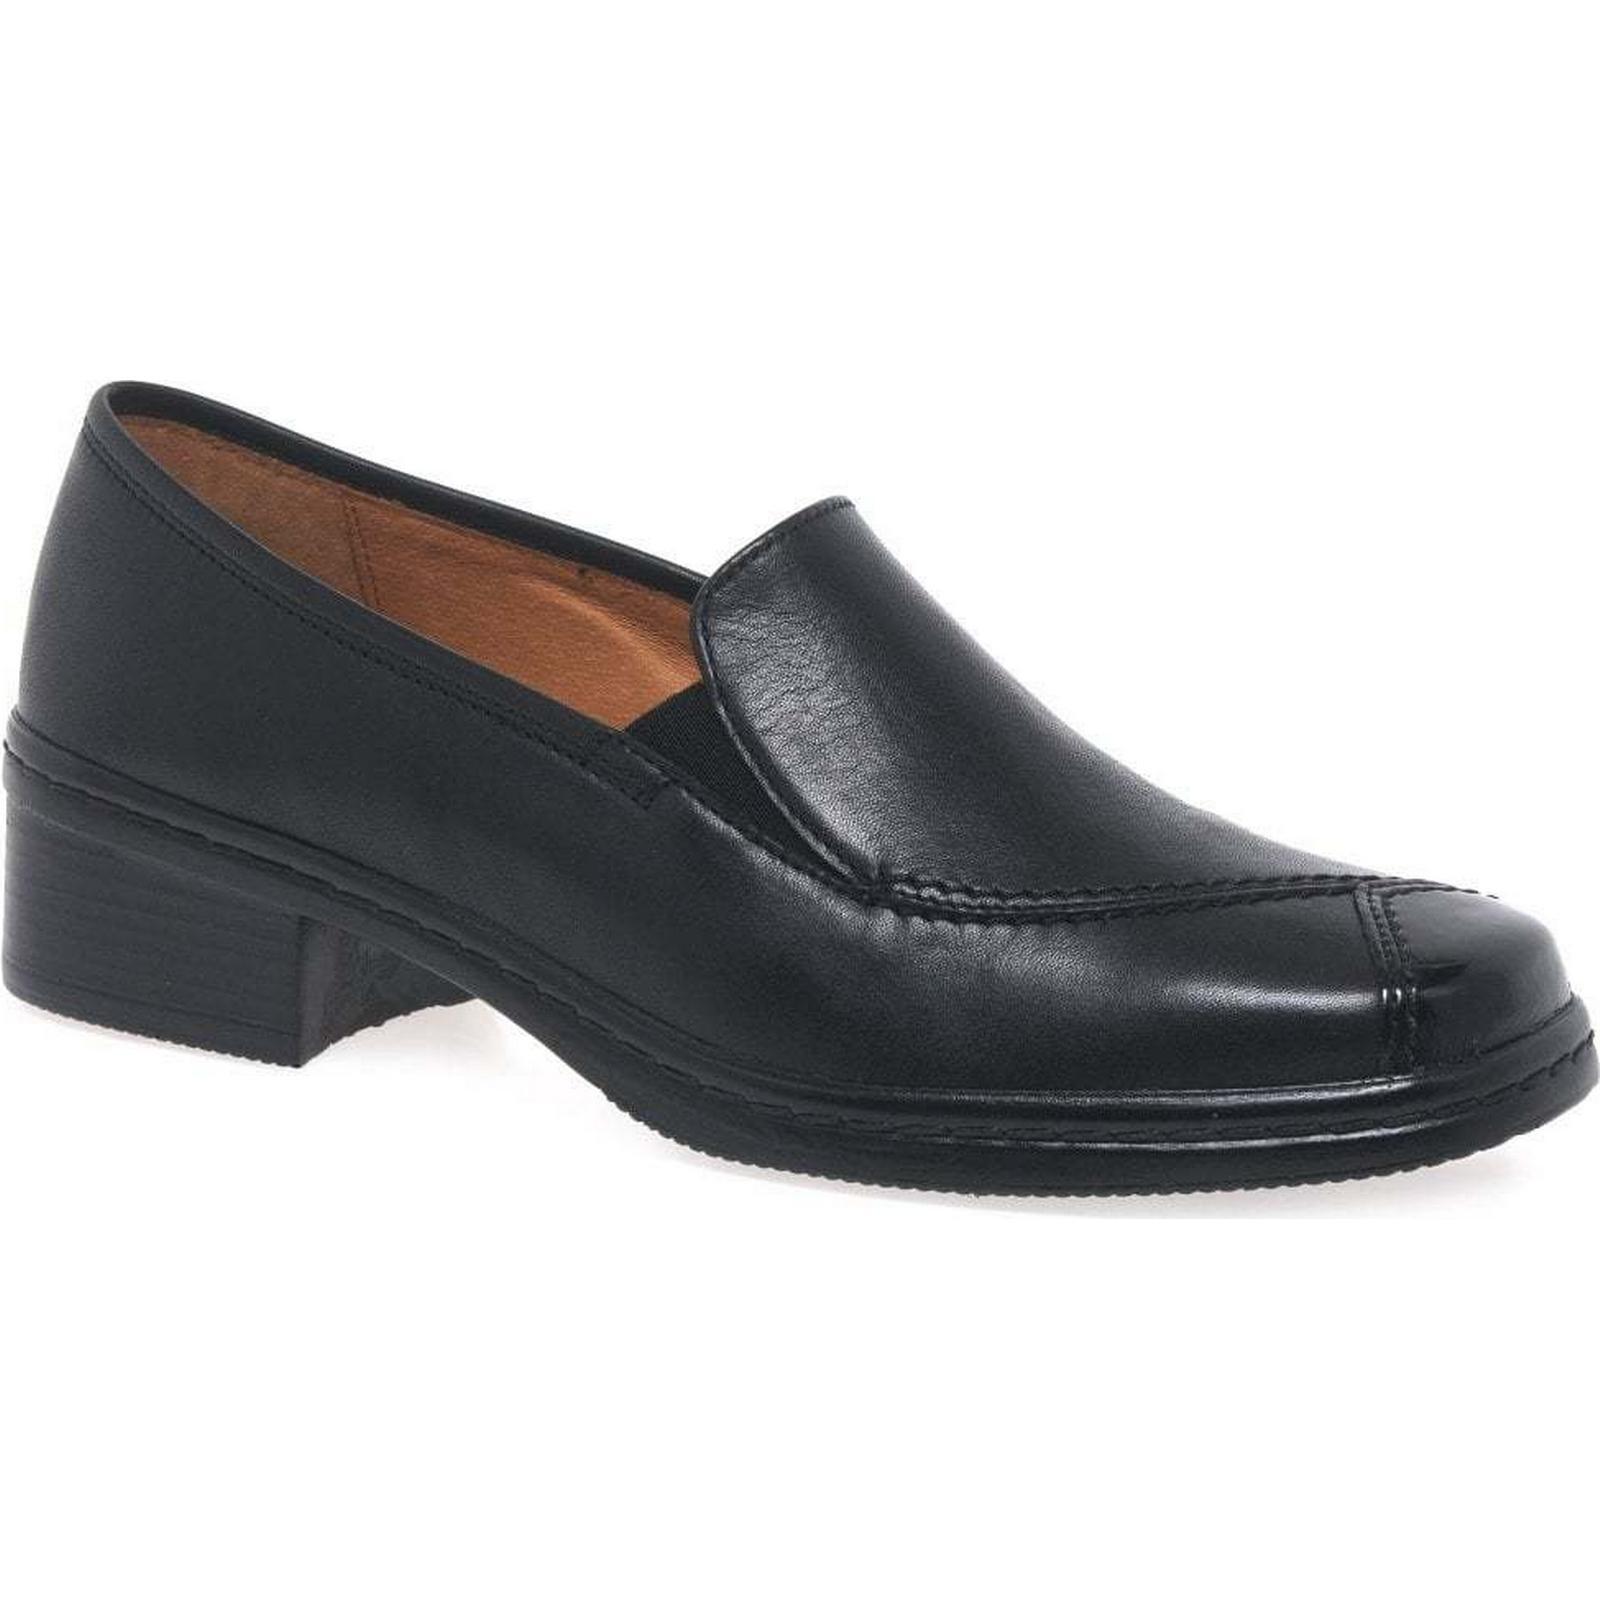 gabor frith  s souliers souliers souliers couleur: noir / brevet, taille: 59fafc